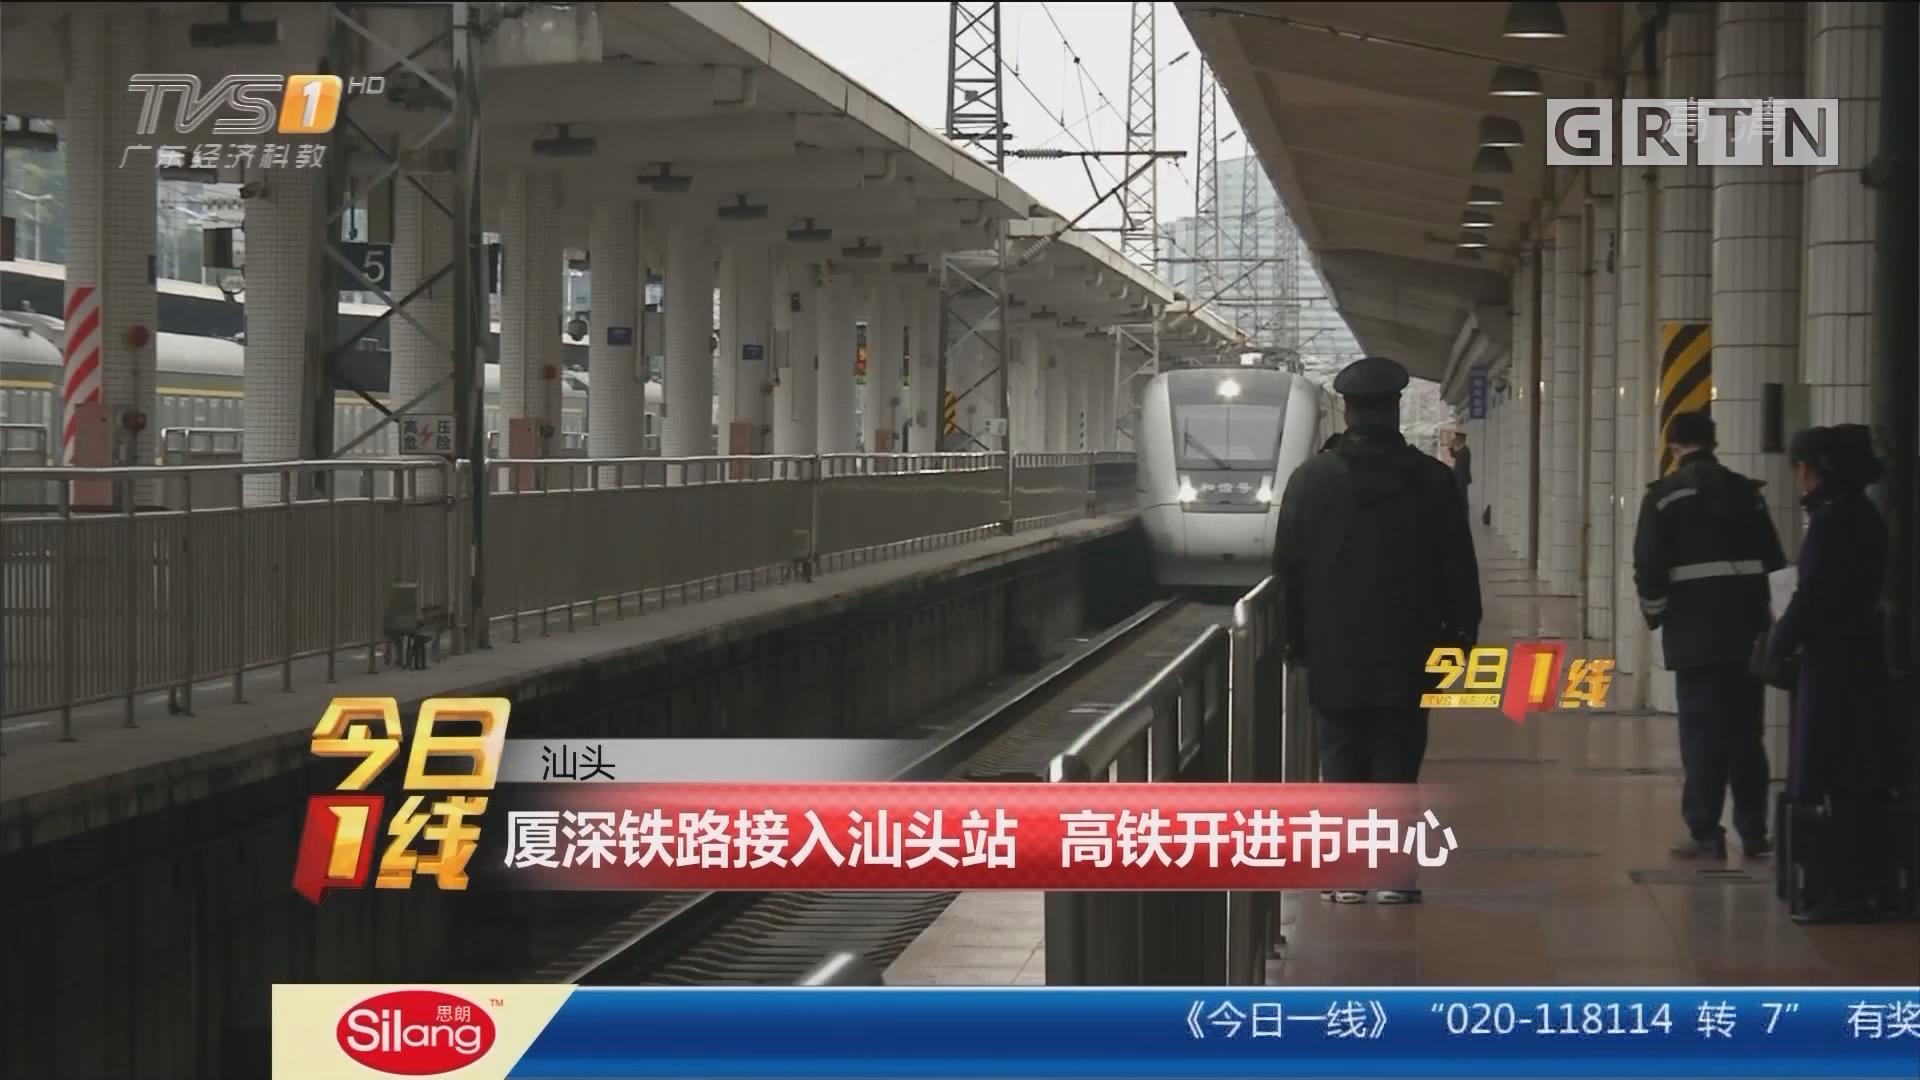 汕头:厦深铁路接入汕头站 高铁开进市中心